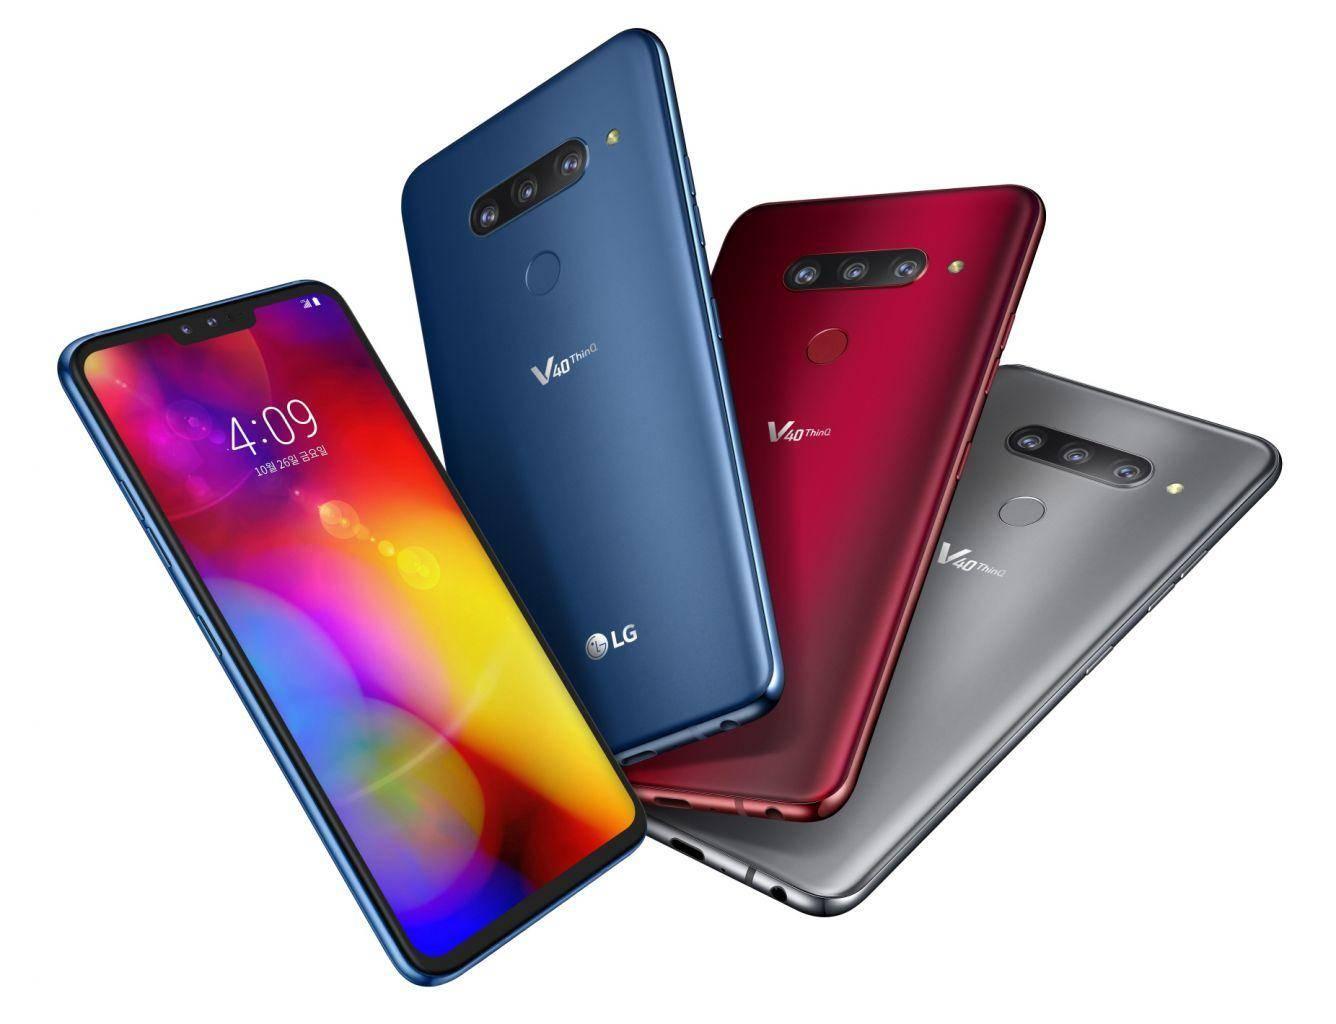 第一款五摄手机上LG V40ThinQ,选用P-OLED显示屏手机上,市场价6700中国人民币